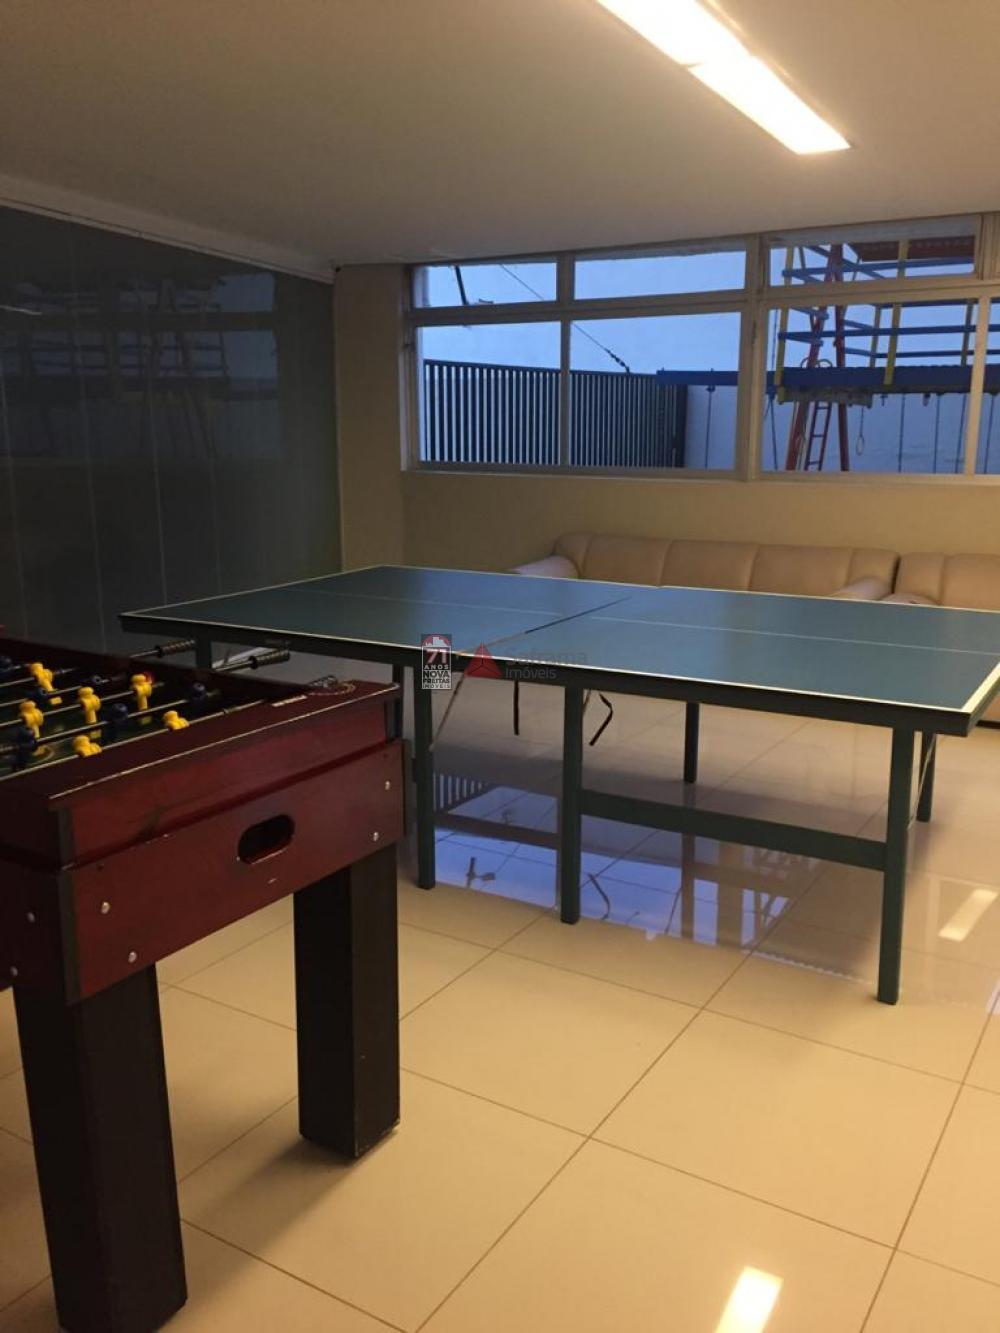 Comprar Apartamento / Padrão em São José dos Campos apenas R$ 520.000,00 - Foto 18